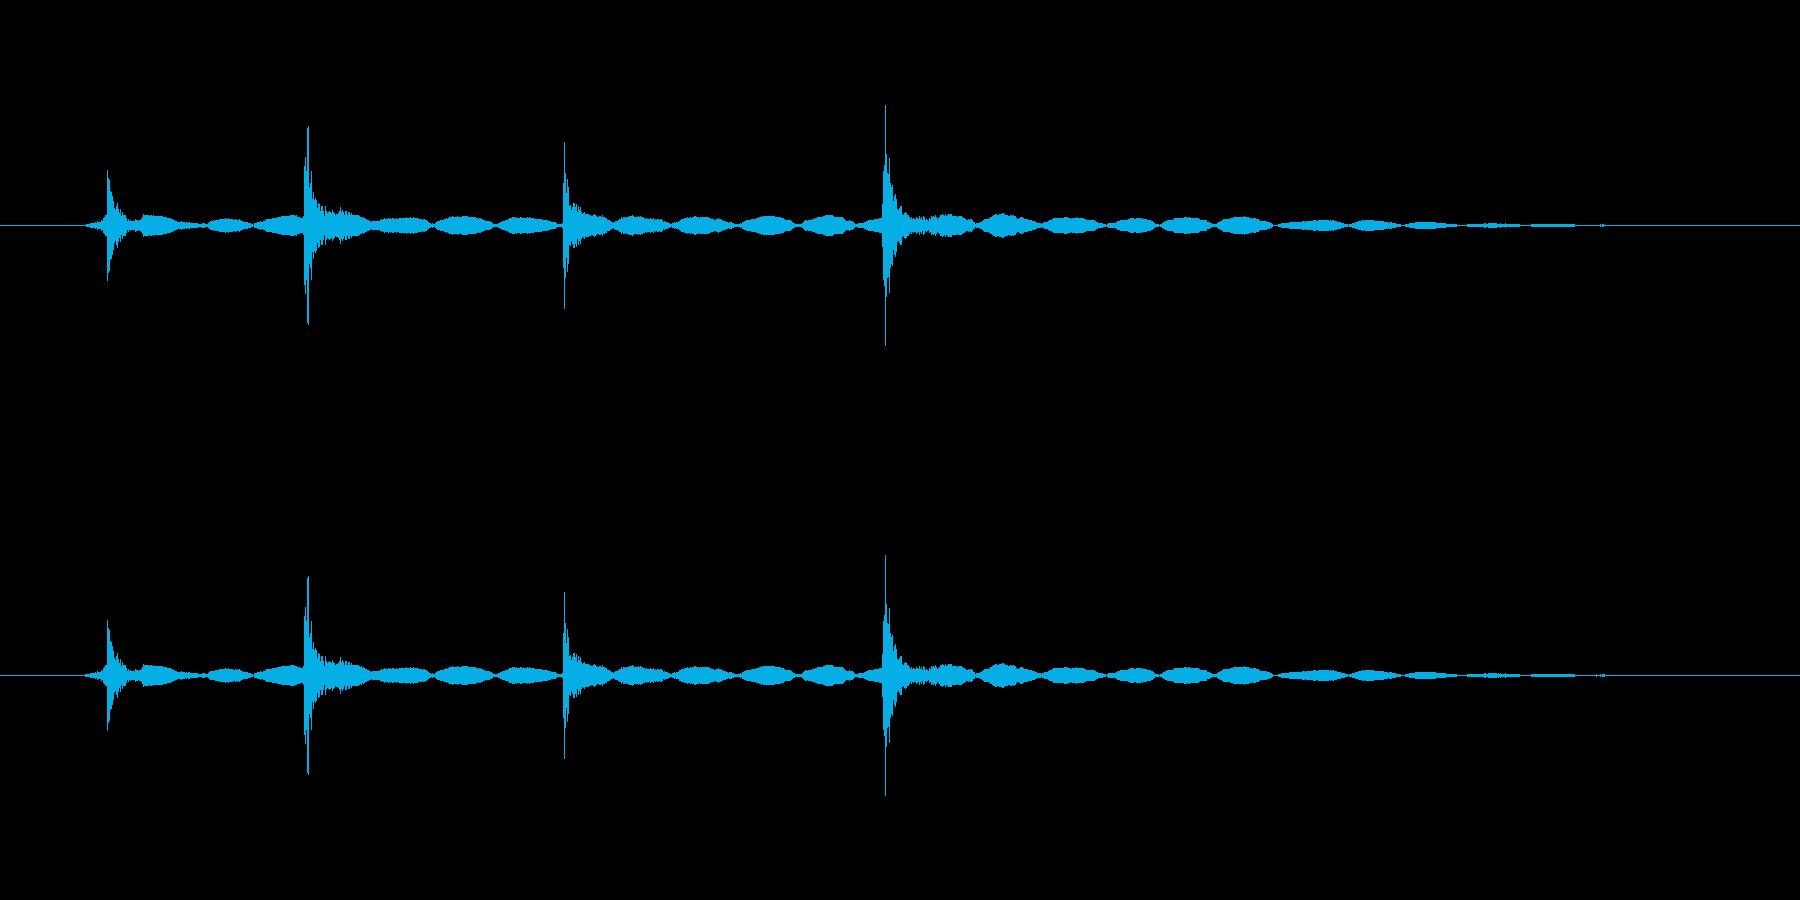 ダブルクリック音(カチカチッ、軽め)の再生済みの波形